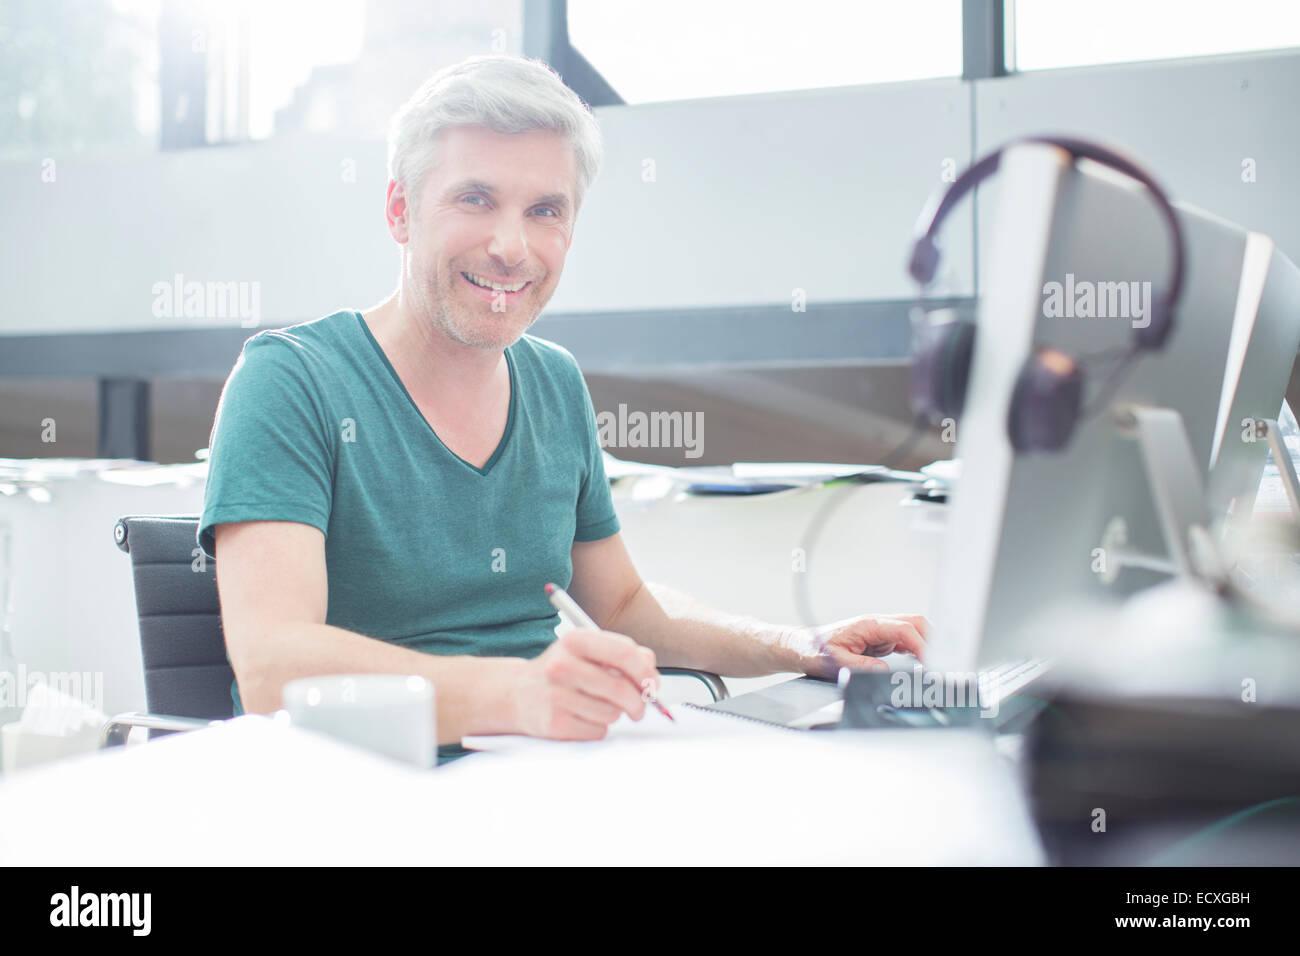 Hombre trabajando en un equipo antiguo en el escritorio Imagen De Stock